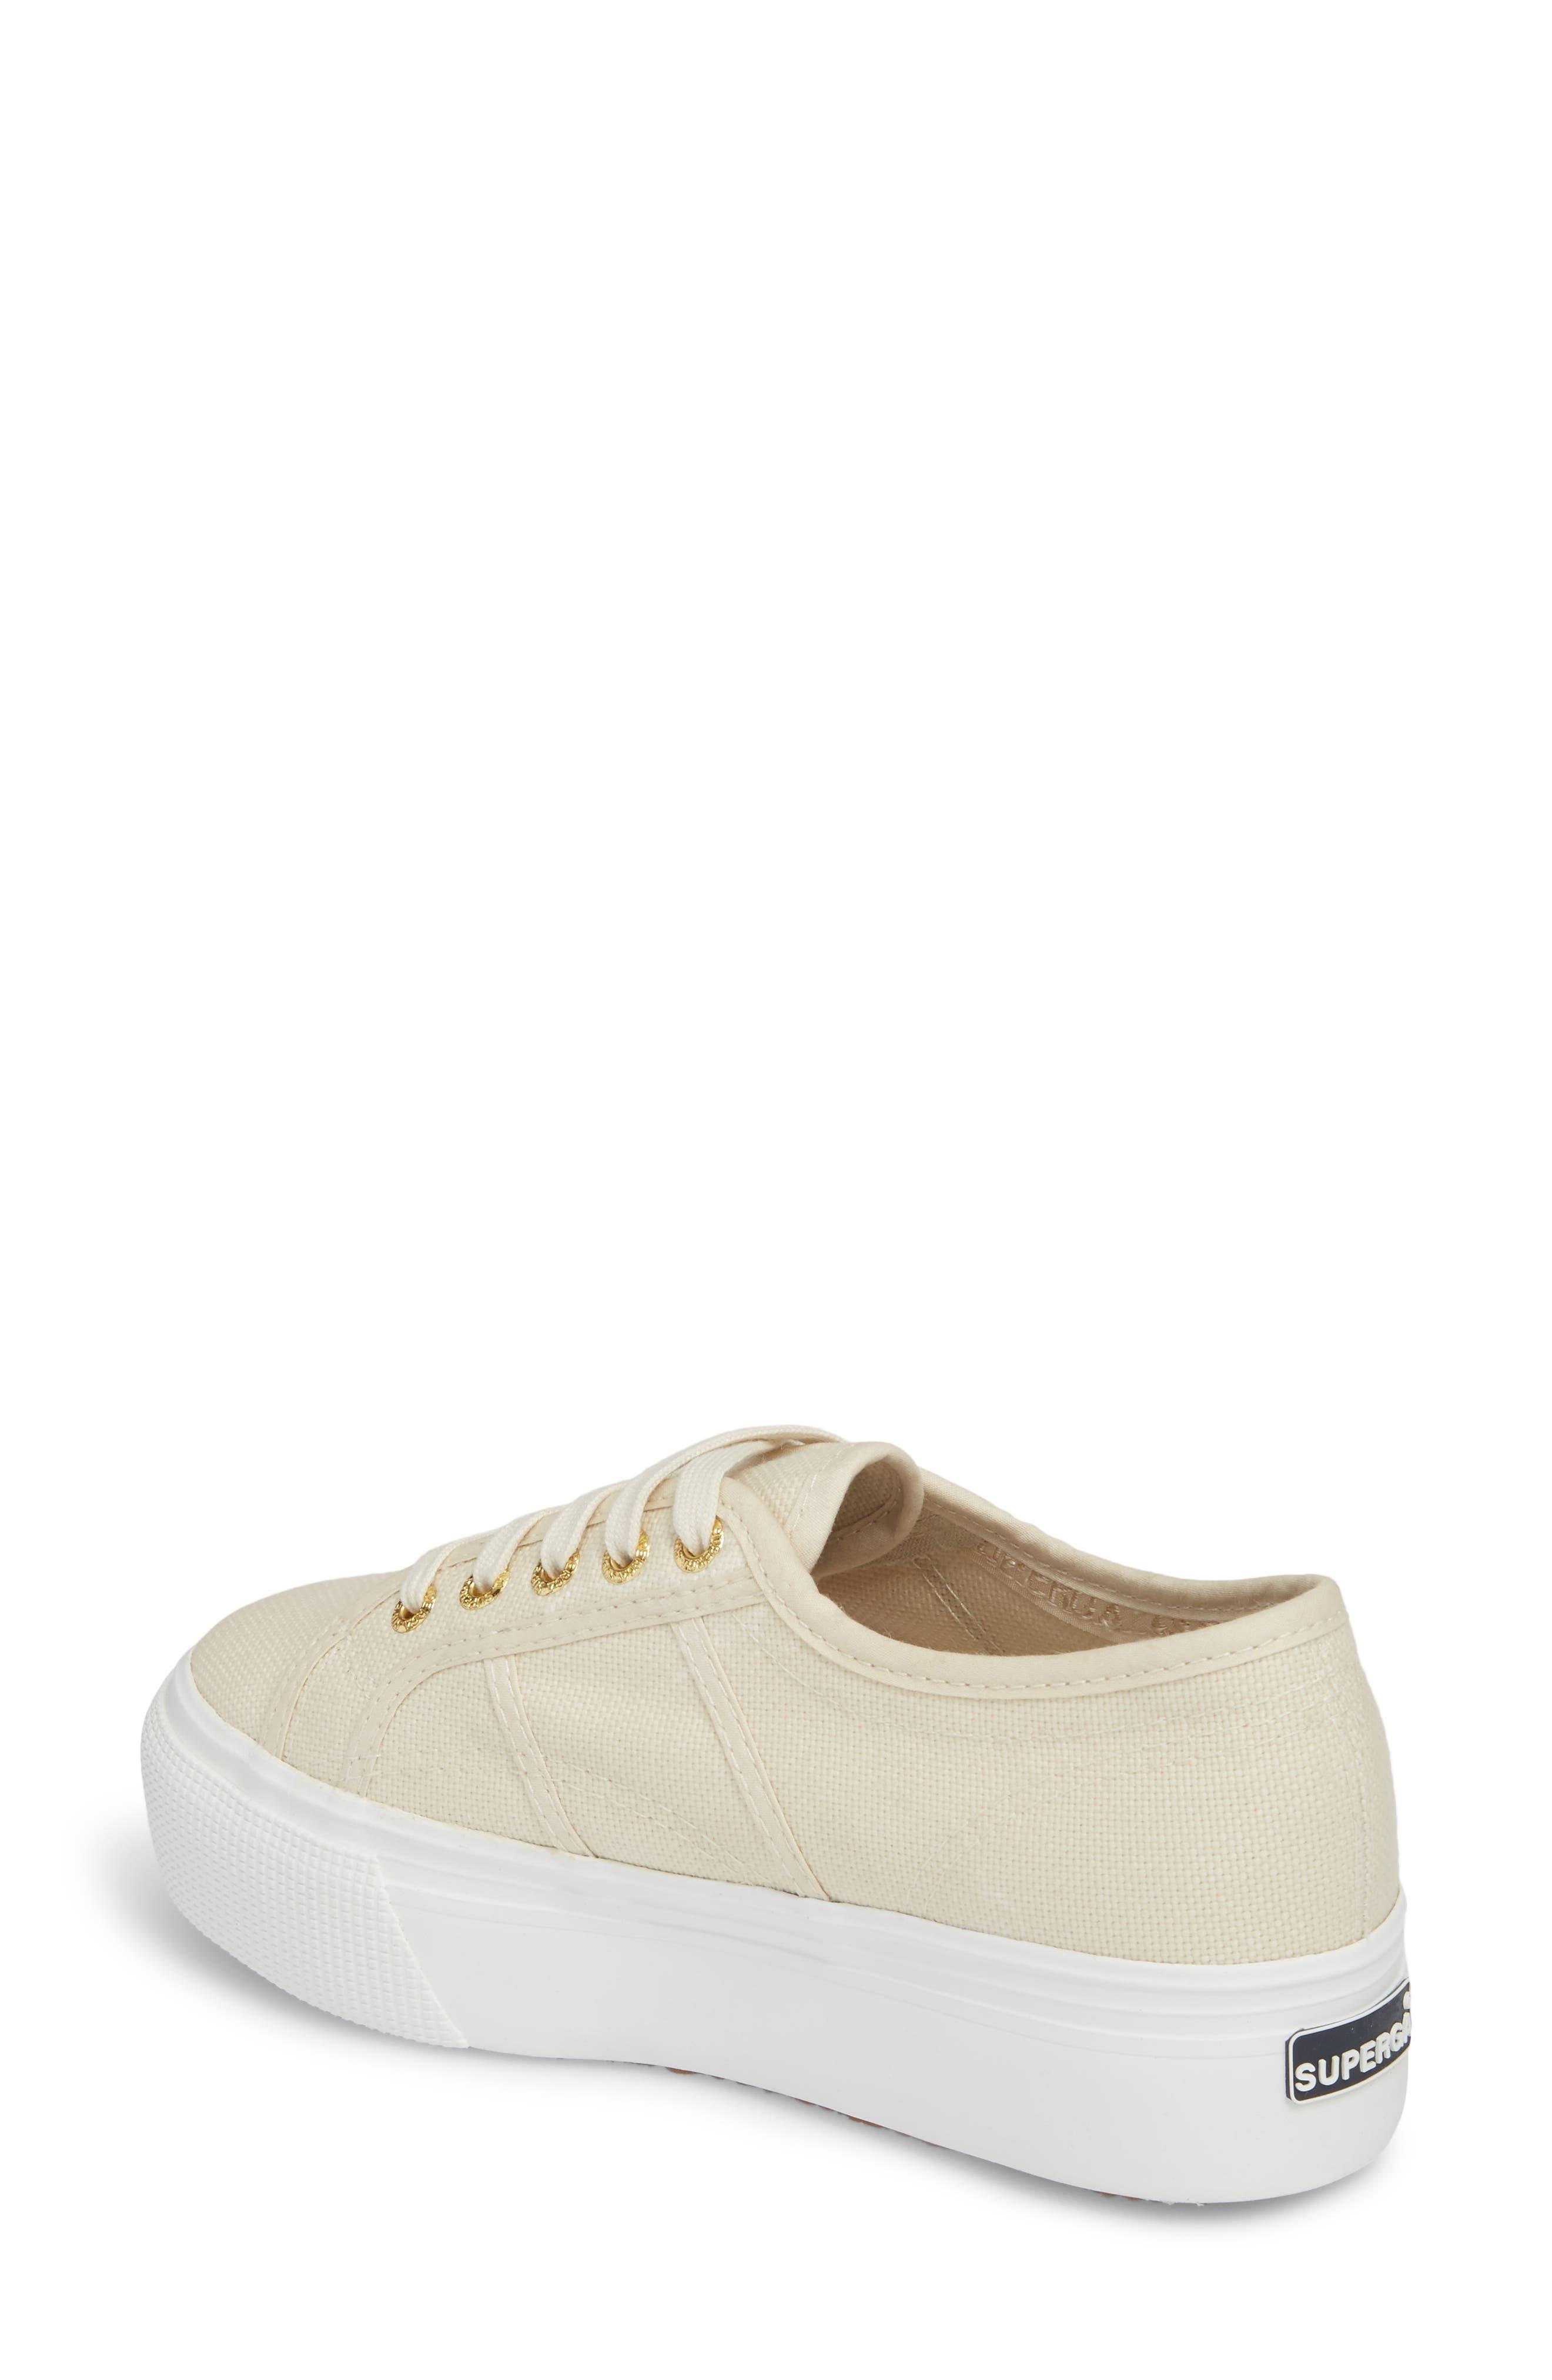 'Acot Linea' Sneaker,                             Alternate thumbnail 2, color,                             Cafe Noir/ Cafe Noir